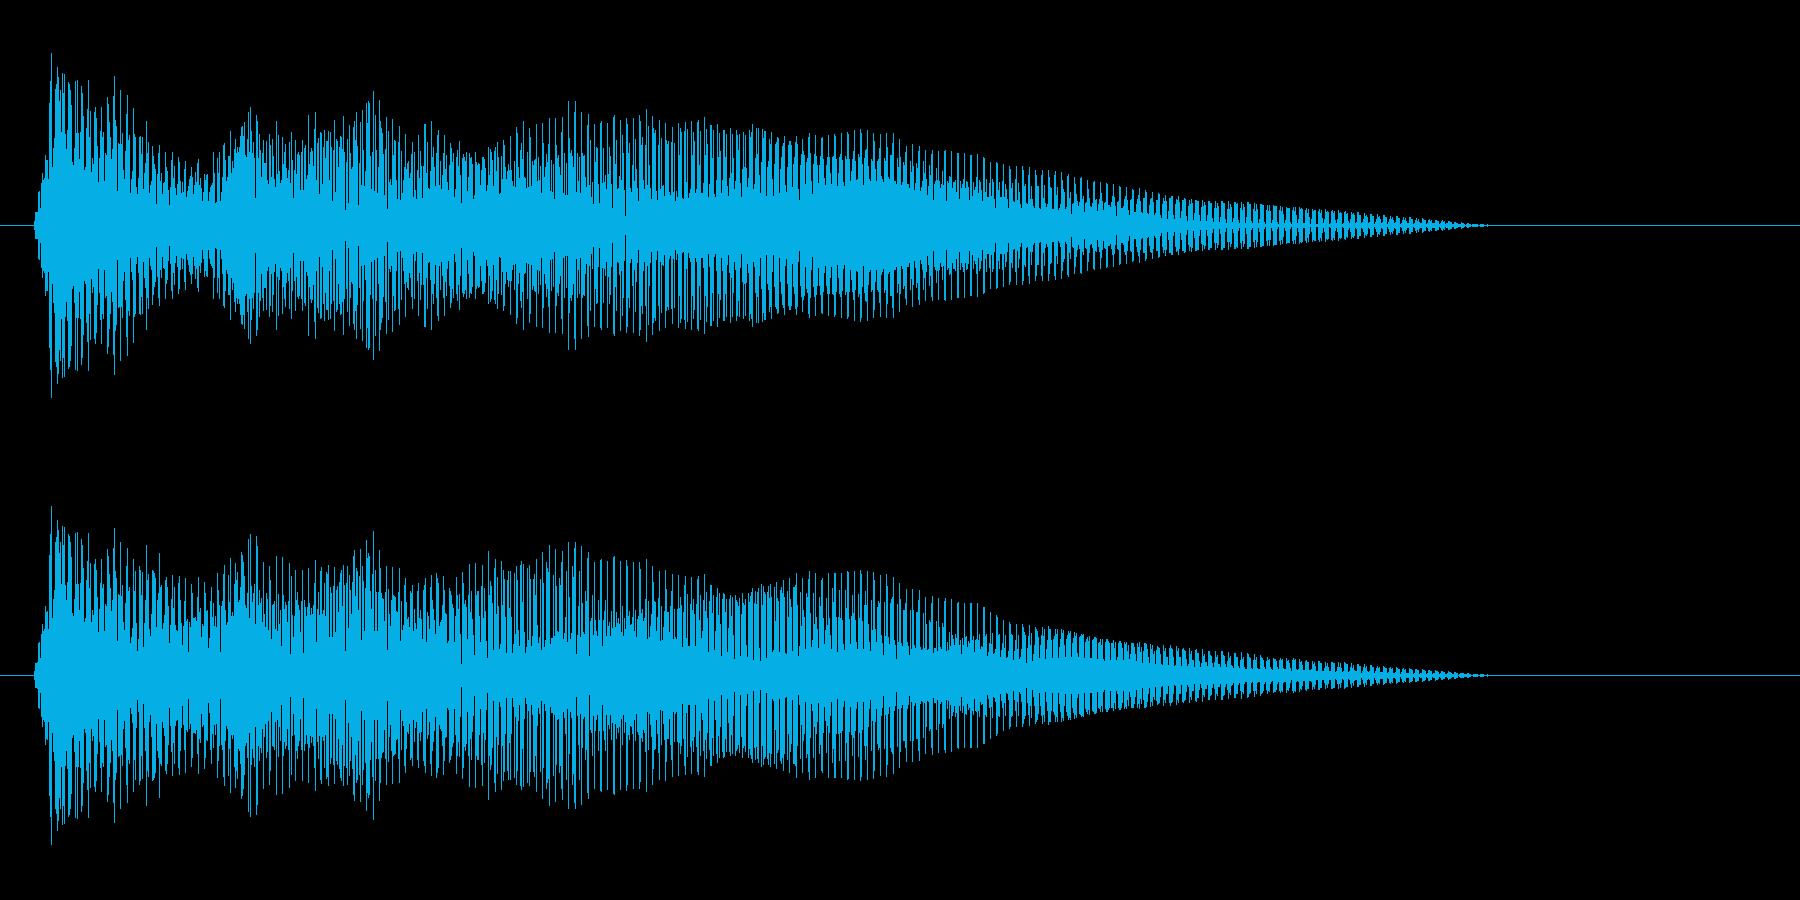 クリック音(プッシュ)の再生済みの波形